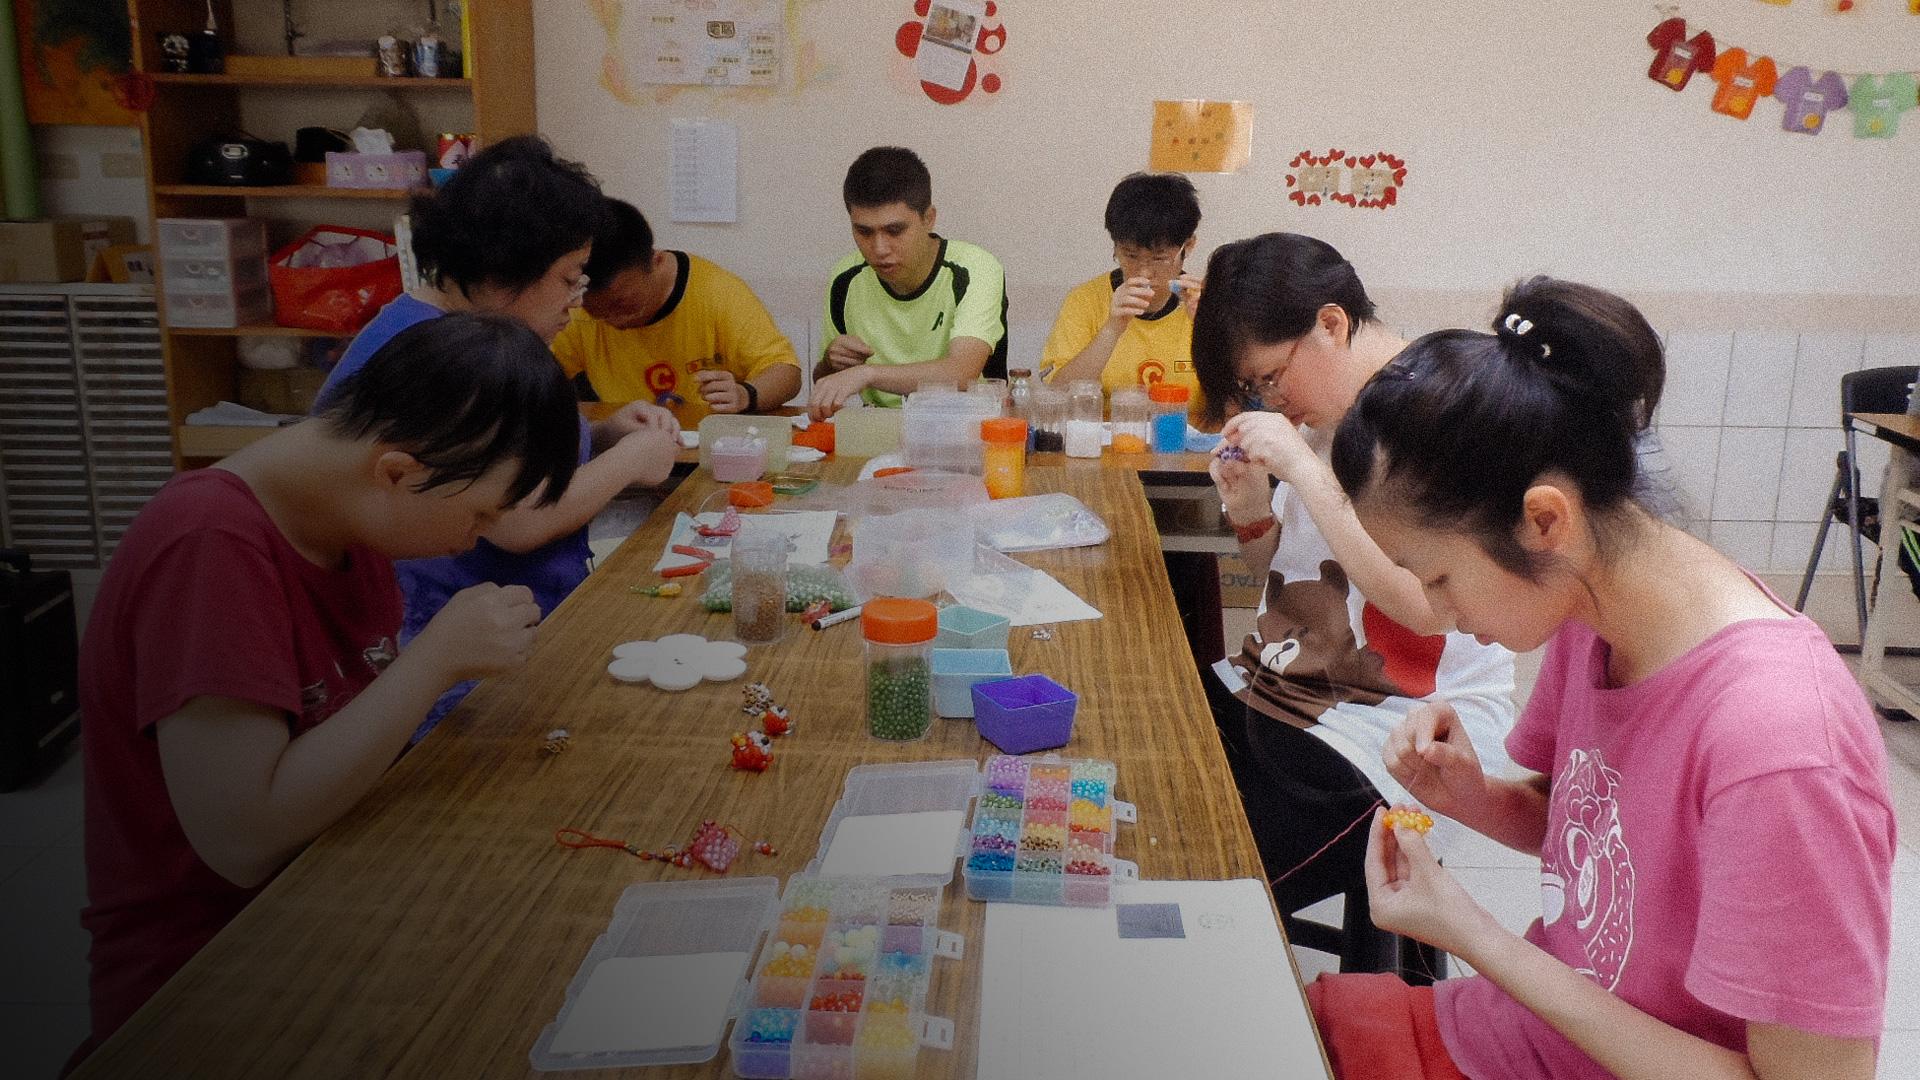 社團法人臺南市慈光心智關懷協會-「慢天使」們正在努力學習製作串珠